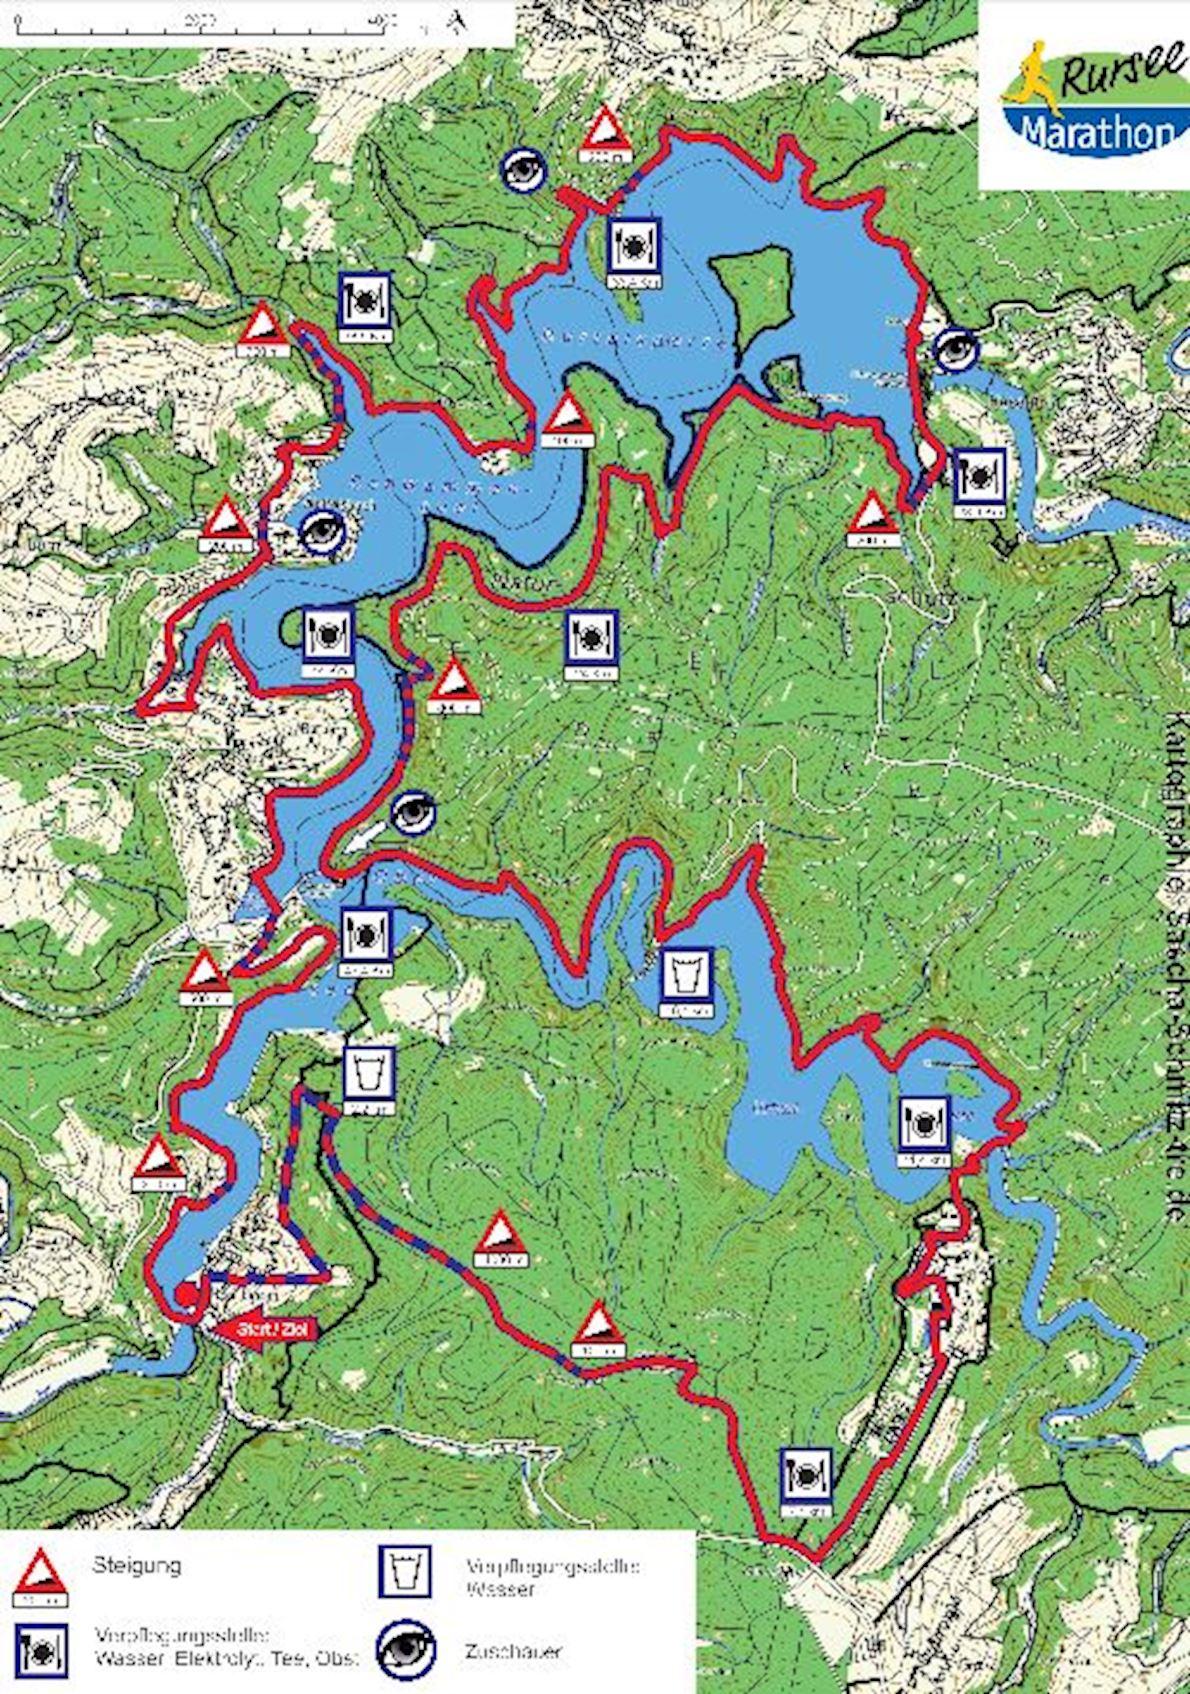 Rursee Marathon 路线图